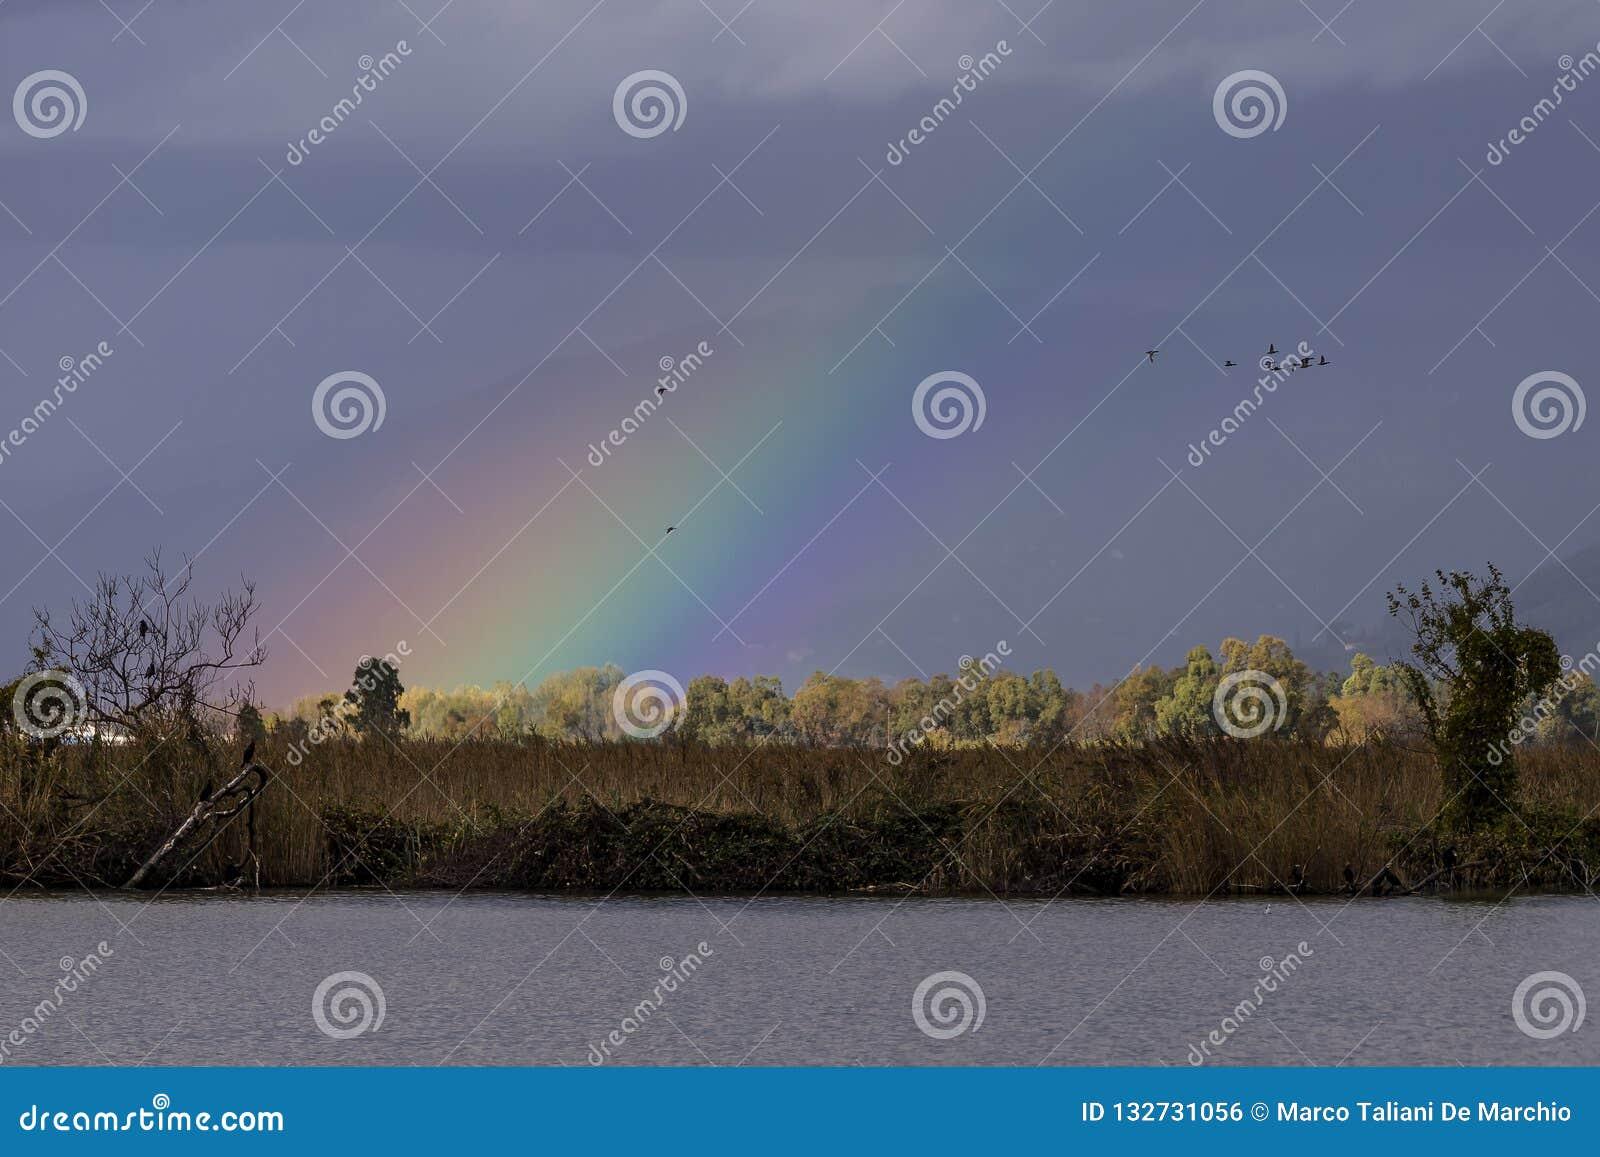 Flockar av fåglar flyger i en himmel exponerad av en härlig regnbåge, sjön Massaciuccoli, Tuscany, Italien